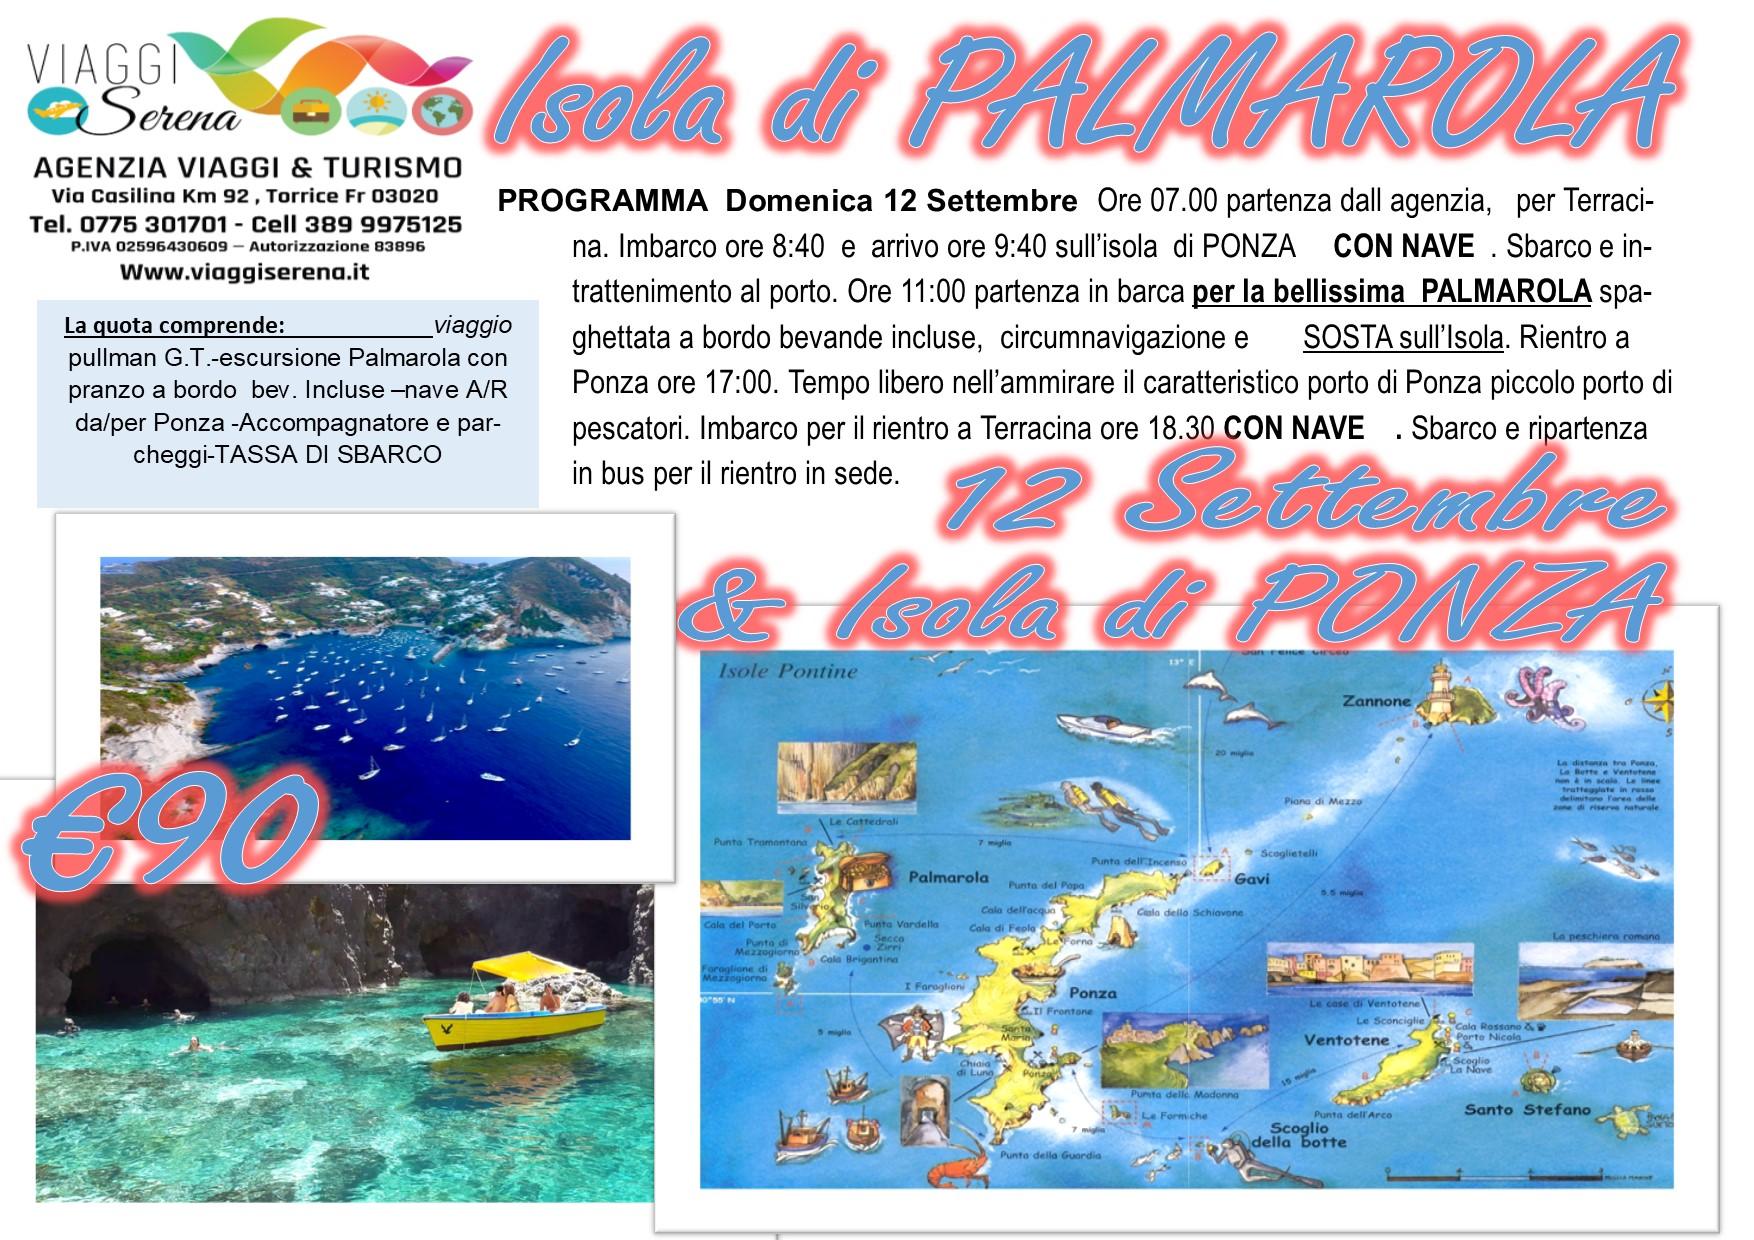 Viaggi di Gruppo:  Isola di PALMAROLA & Isola di PONZA 12 Settembre € 90,00